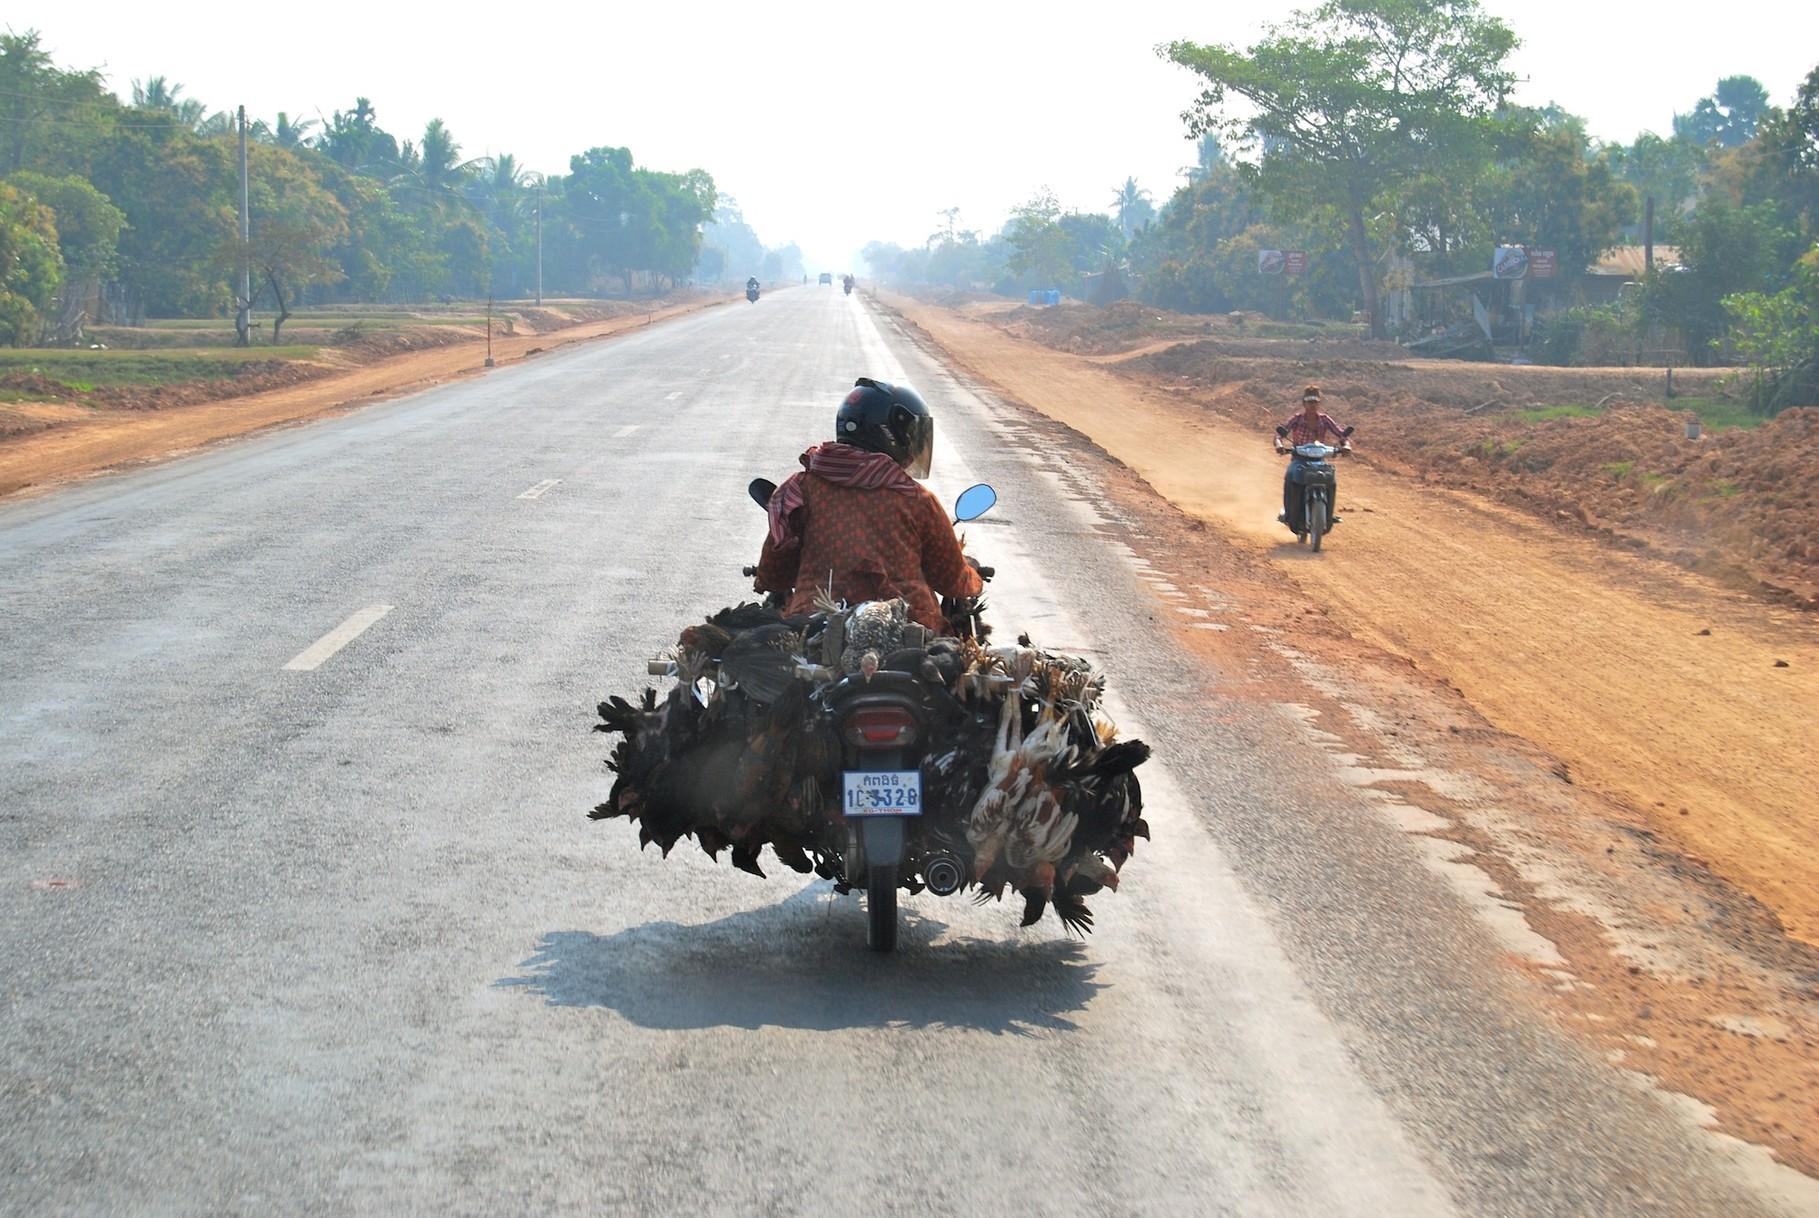 Hühnertransporter á la Kambodscha